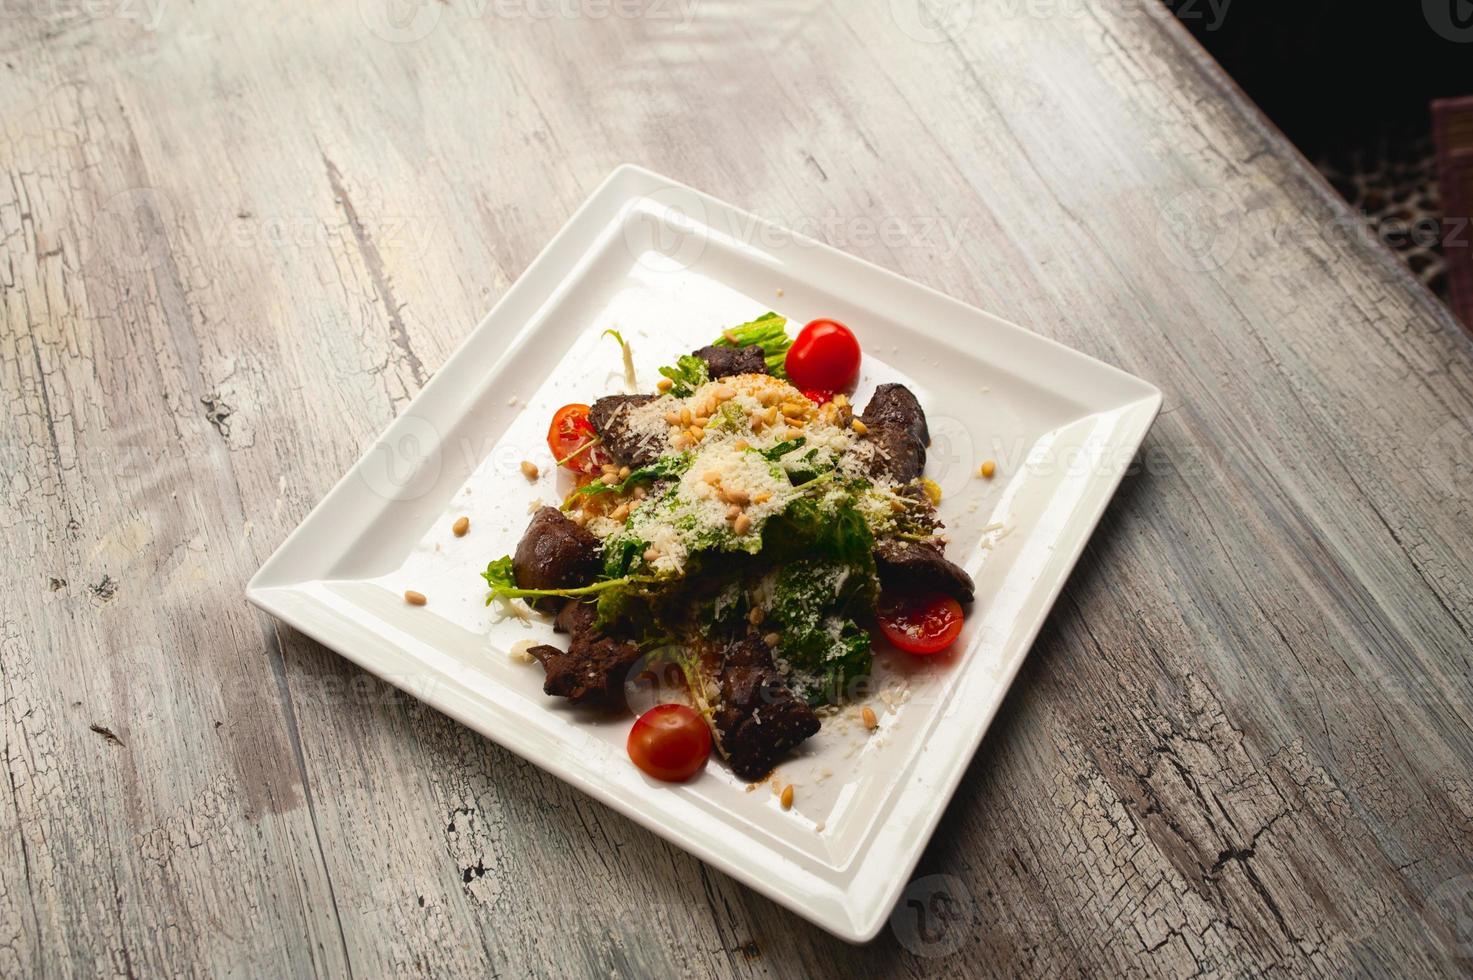 salada césar com carne, folhas e tomate em prato branco foto